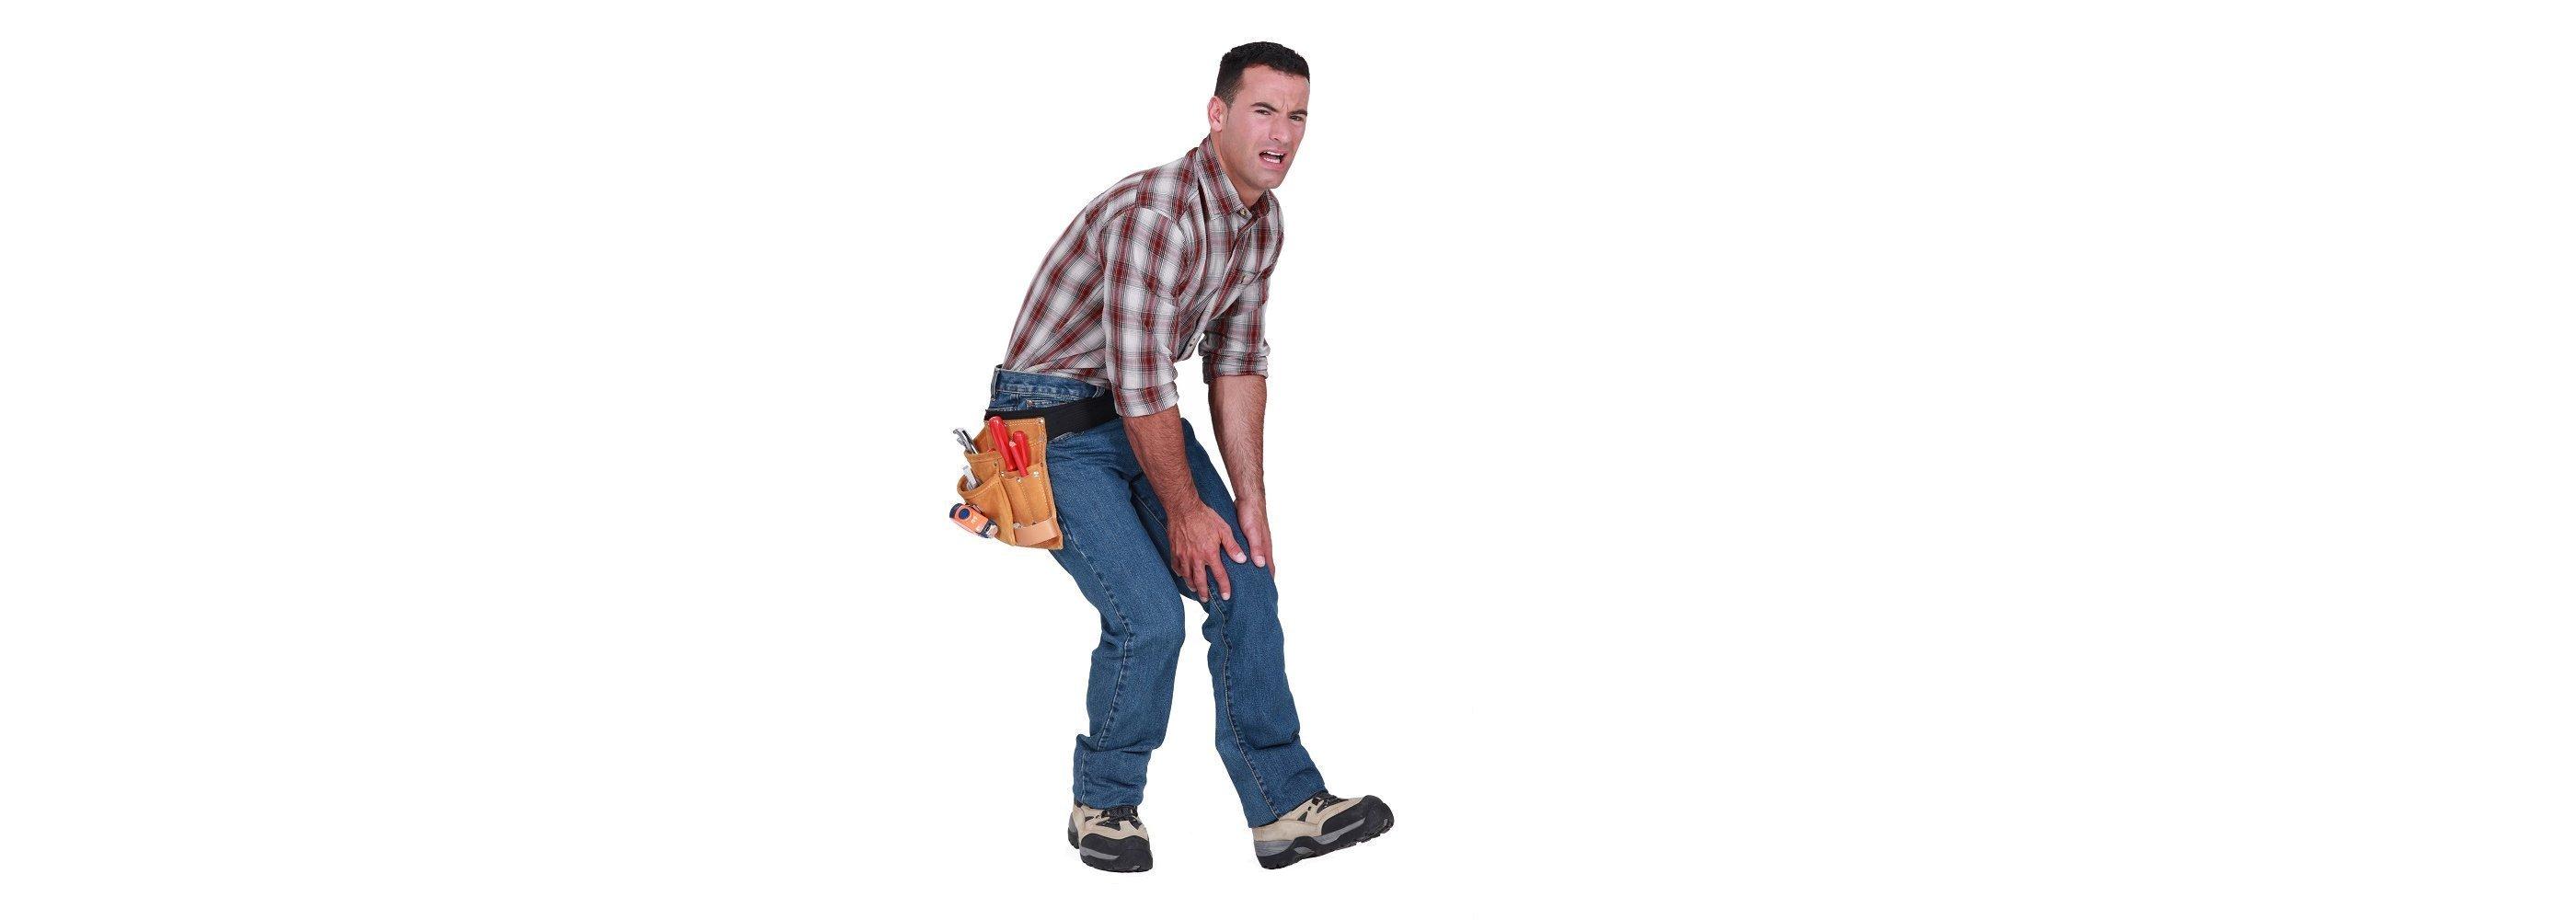 workman-with-knee-pain-_x1000w_